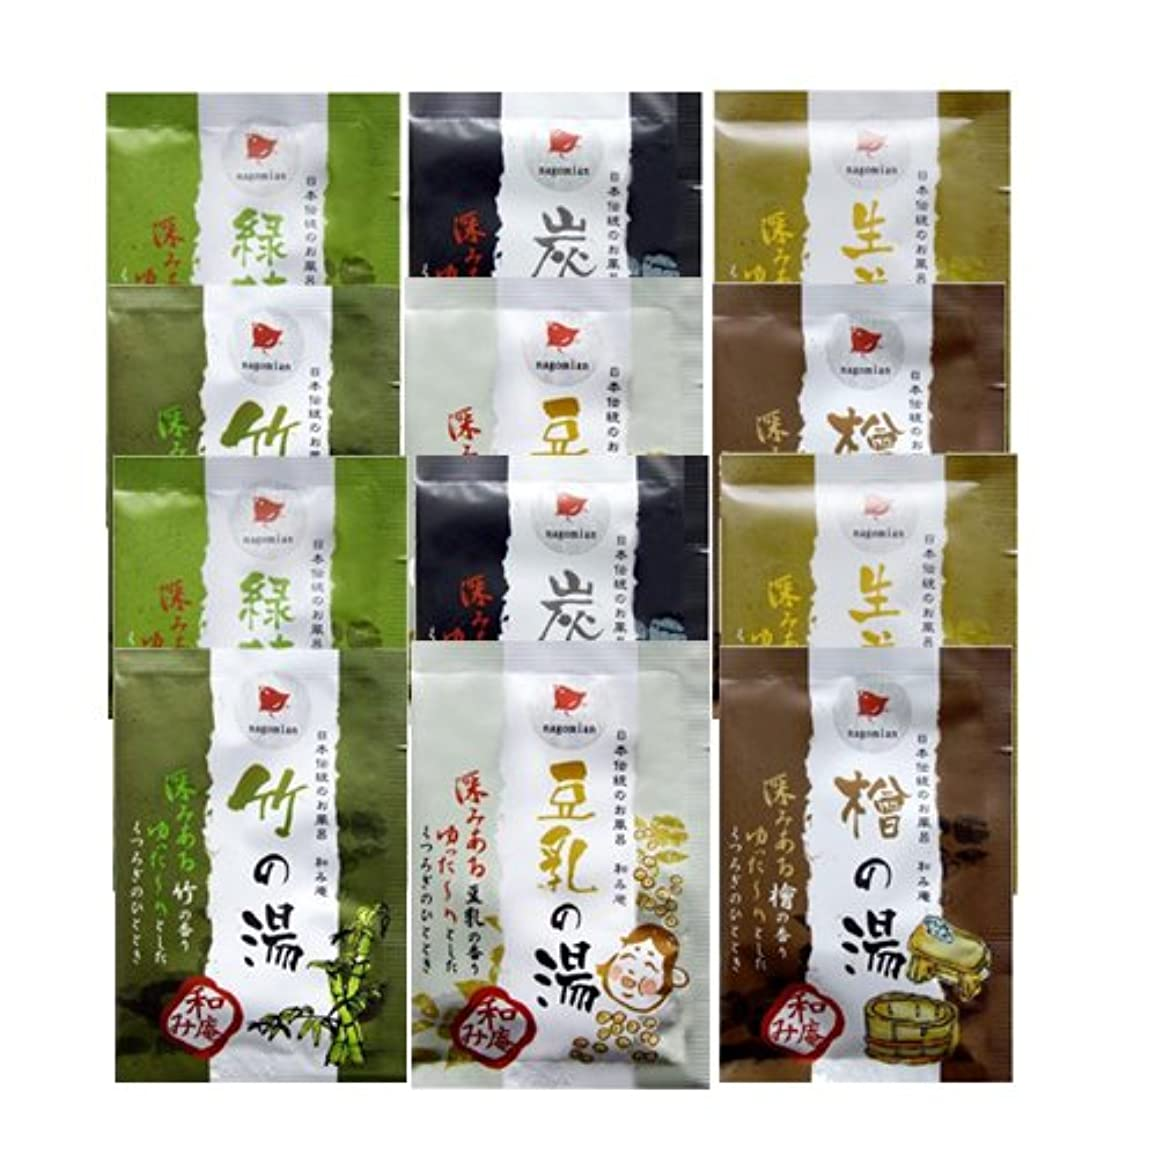 独特のフォージ調べる日本伝統のお風呂 和み庵 6種類×2個セット(計12包)